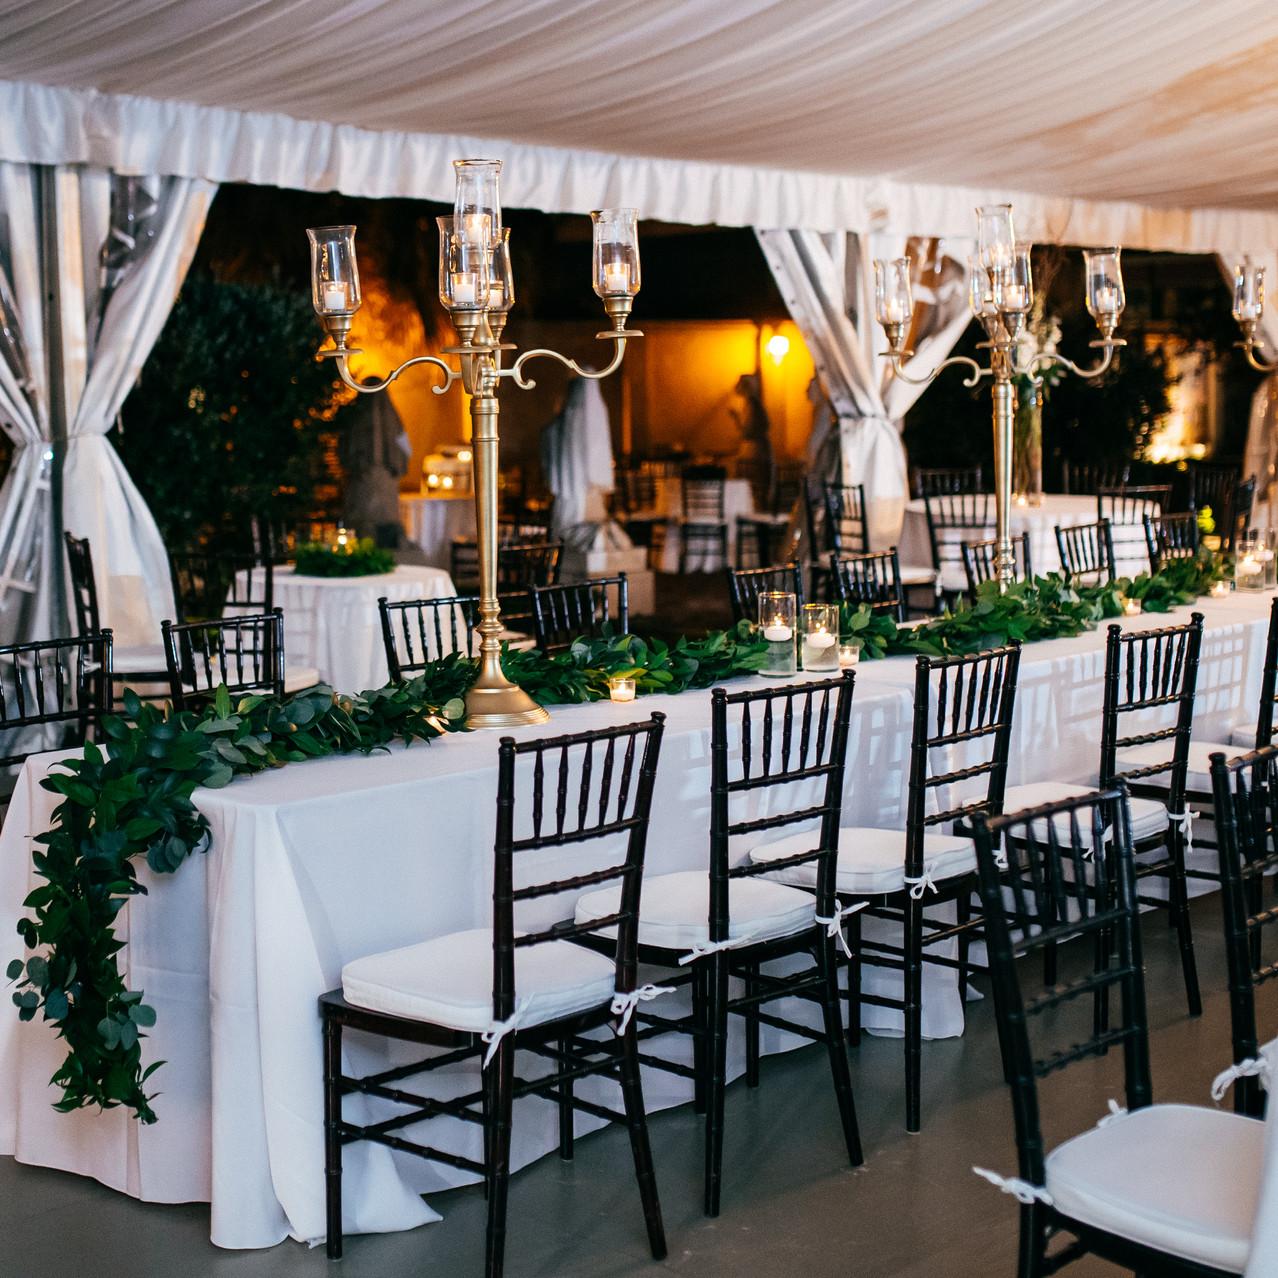 TaylorStewart-Wedding-Details-28